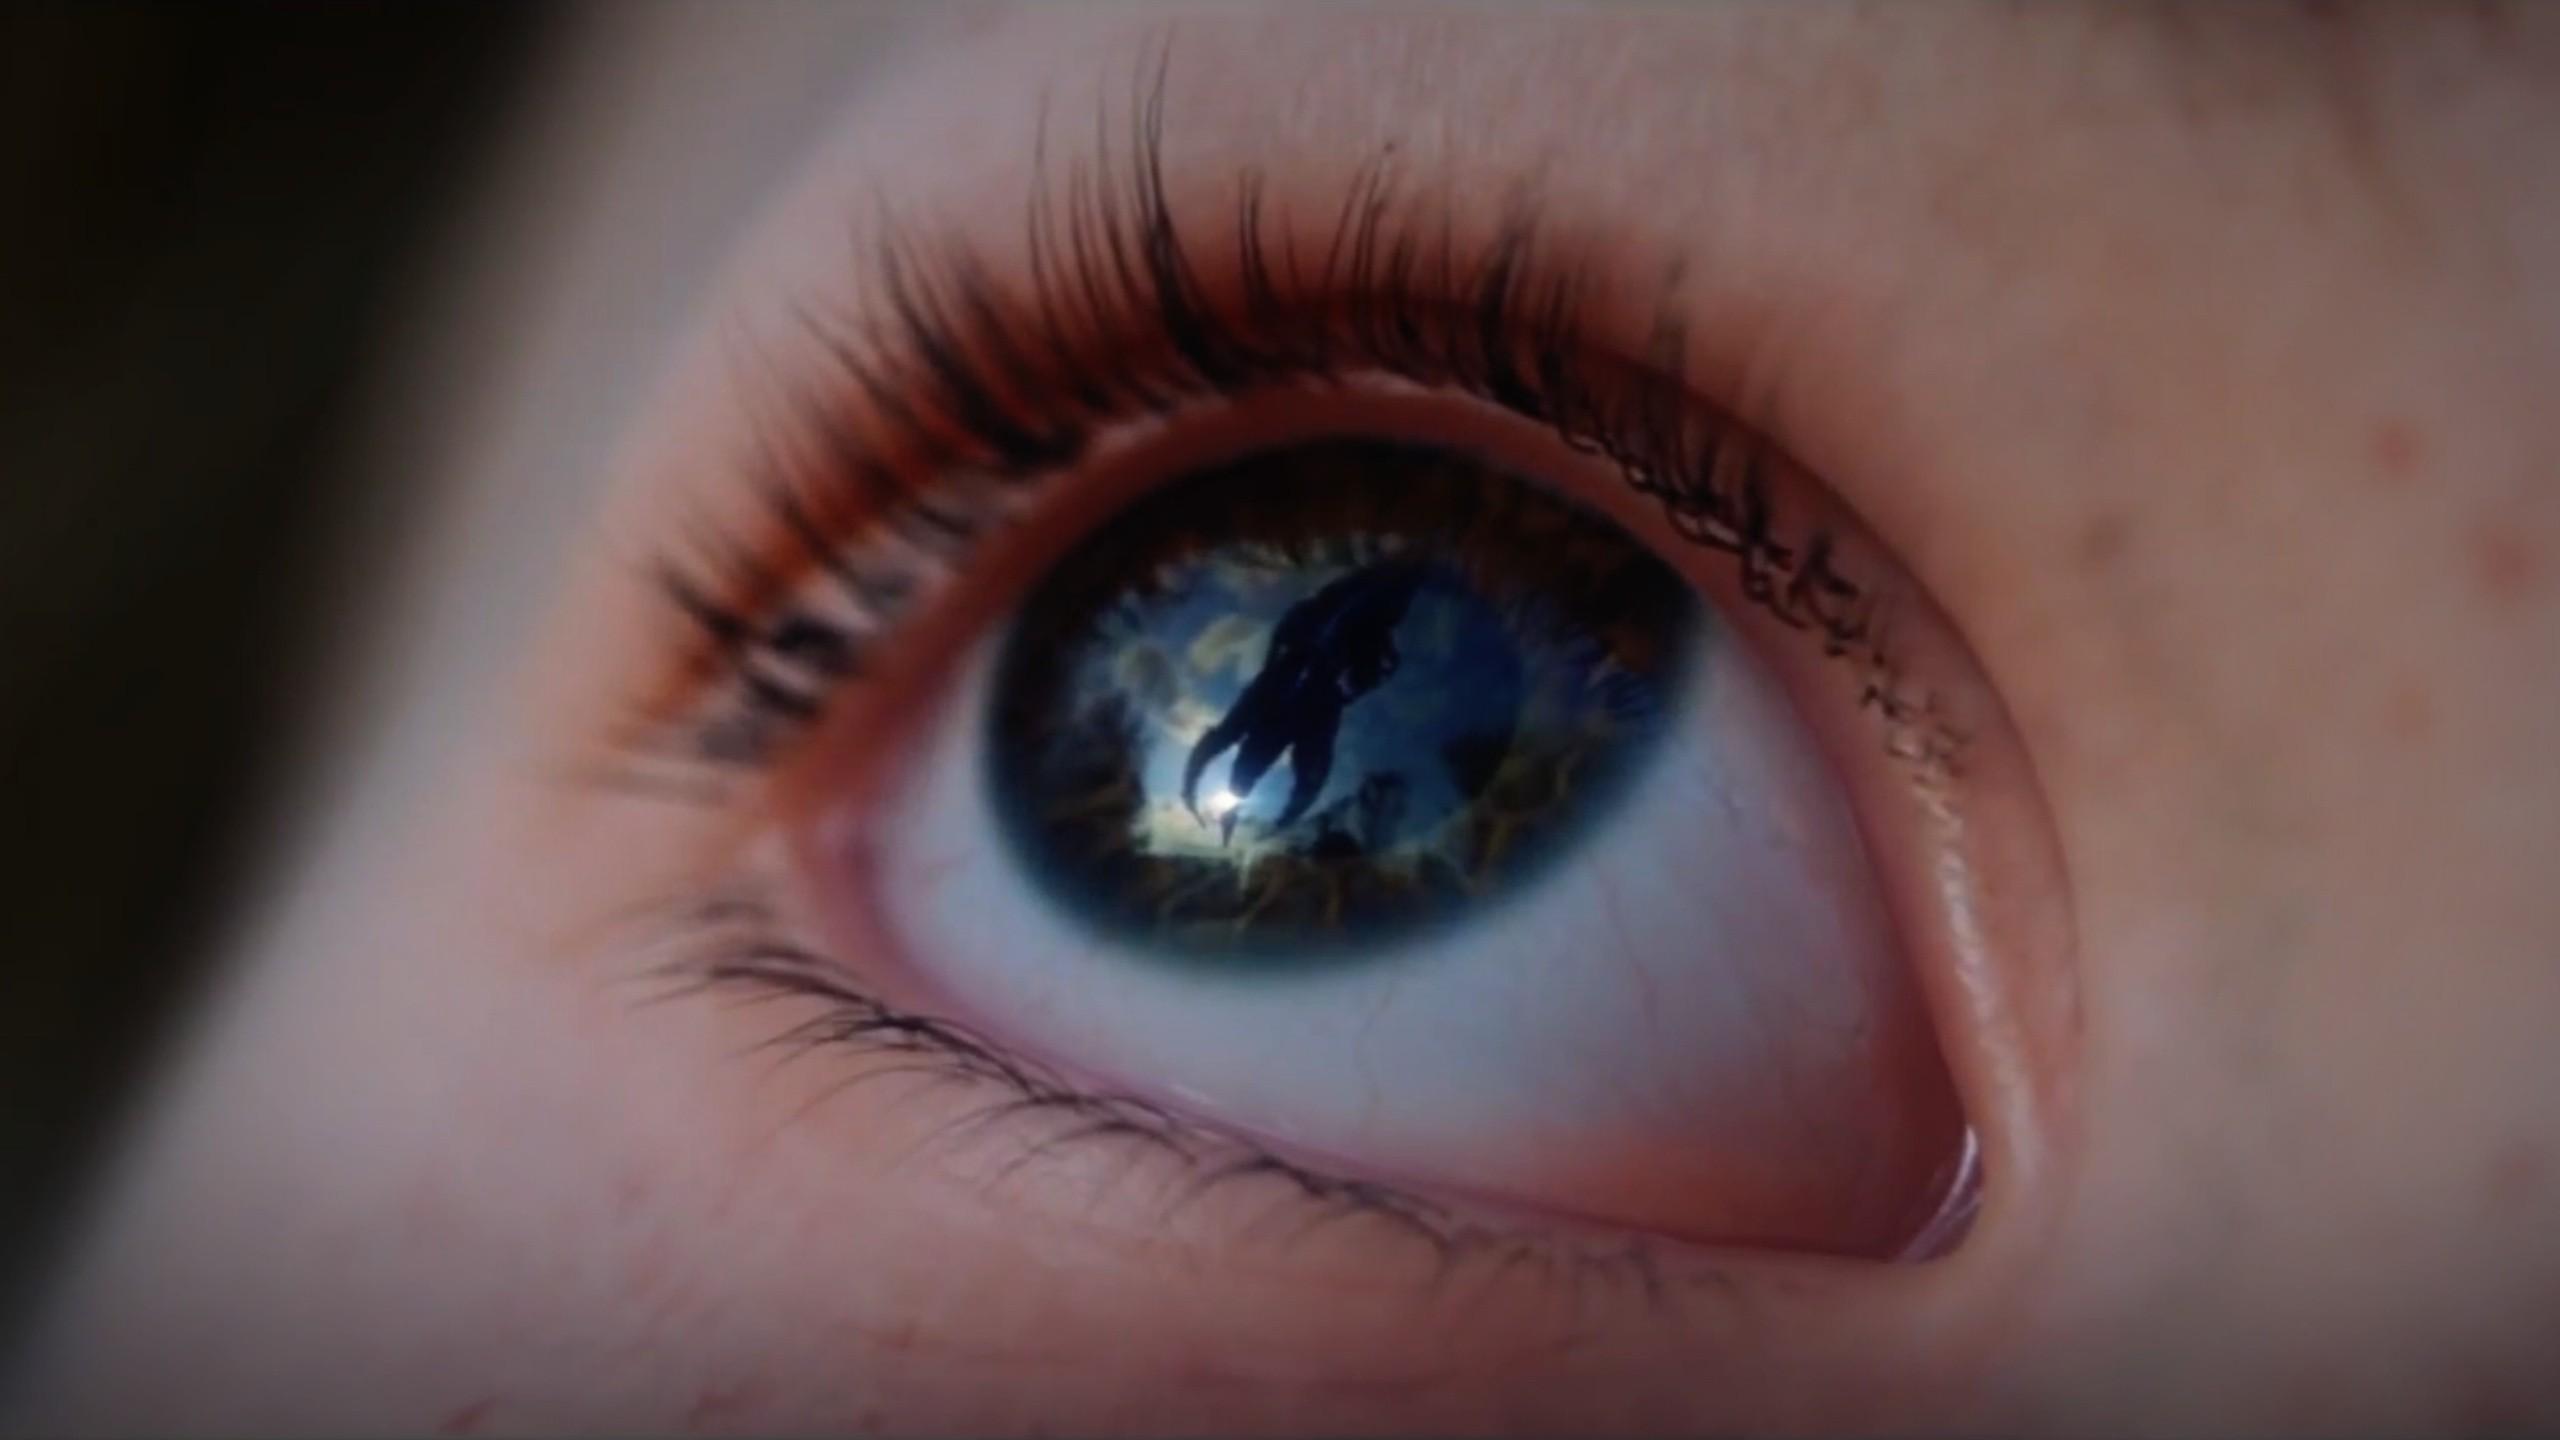 Wallpaper Face Mass Effect Blue Screen Shot Mouth Nose